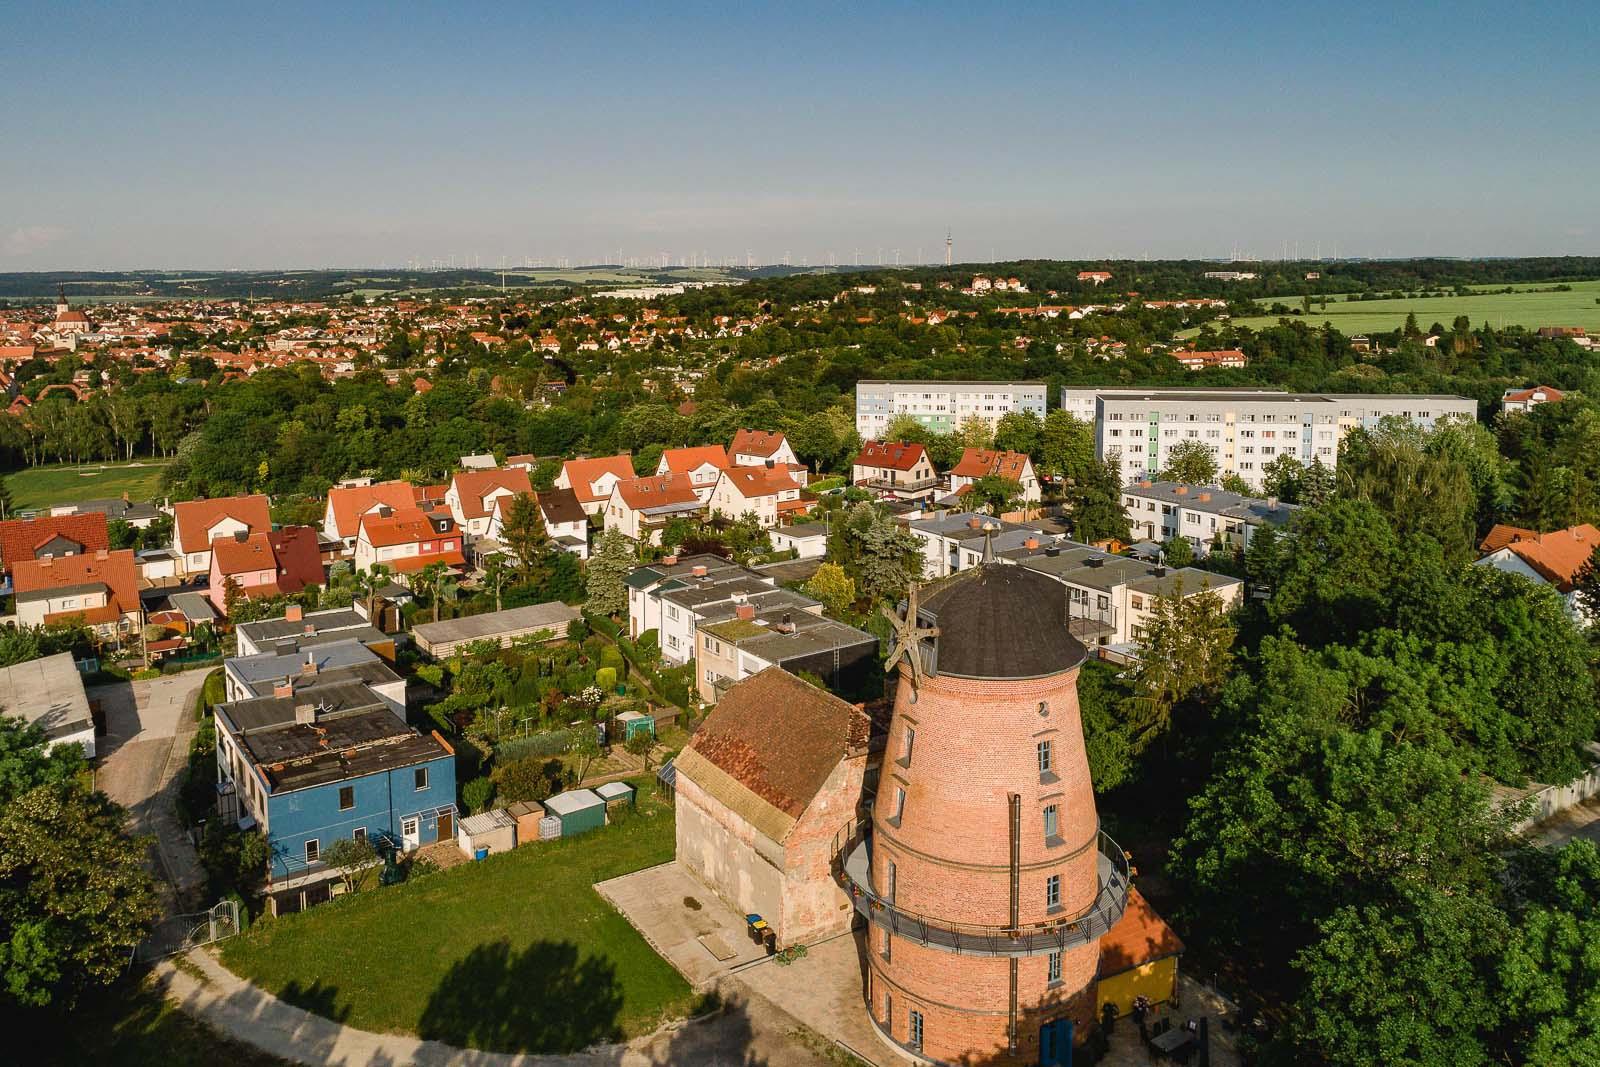 Windmühle am Holländer in Naumburg